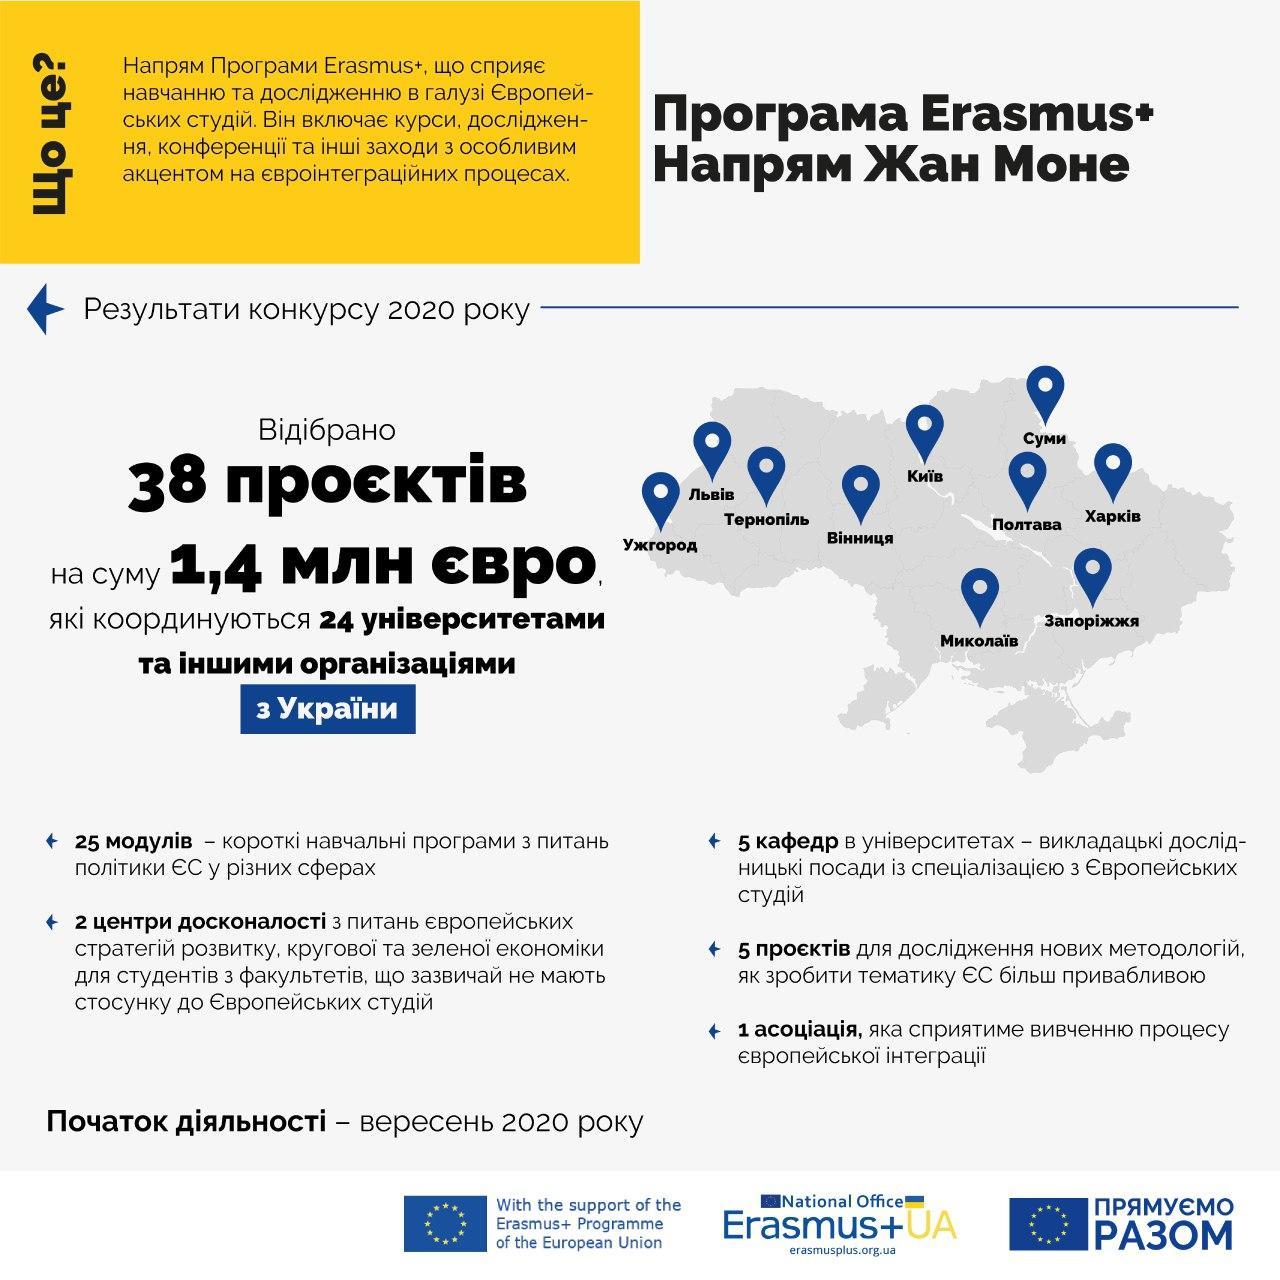 Національний Еразмус+ офіс в Україні